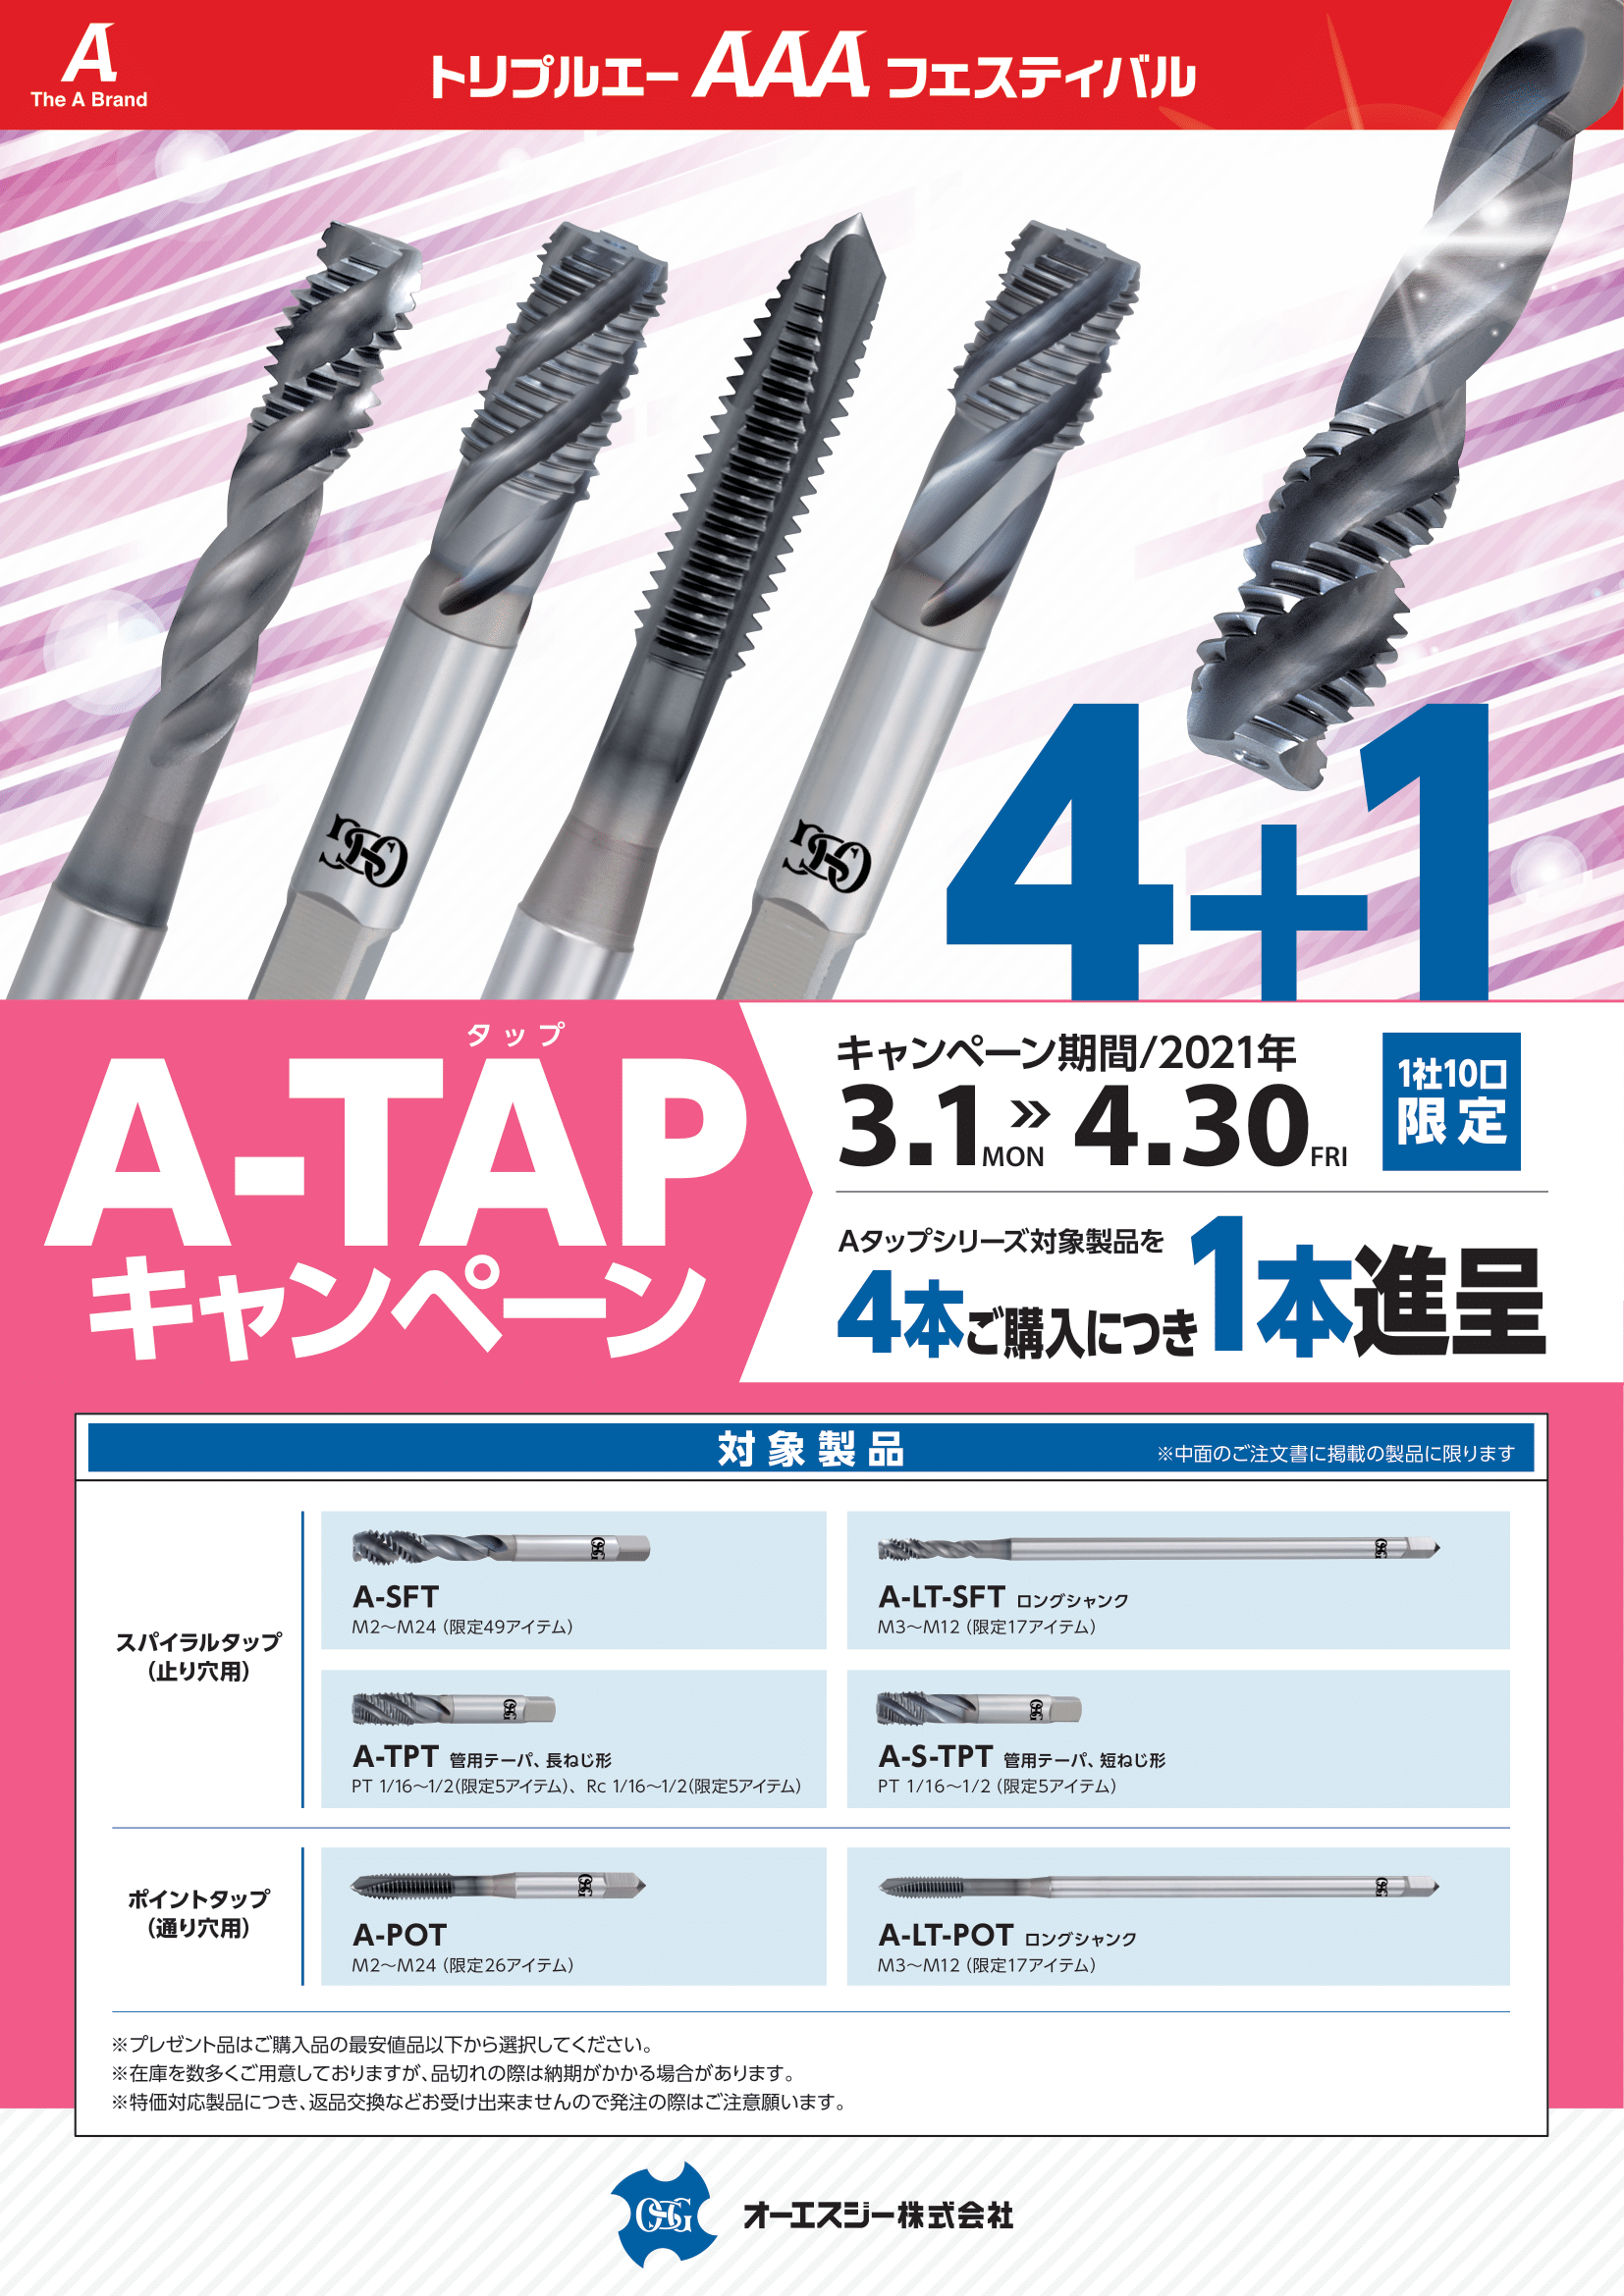 F-261_AAAフェスティバル_A-TAP_1